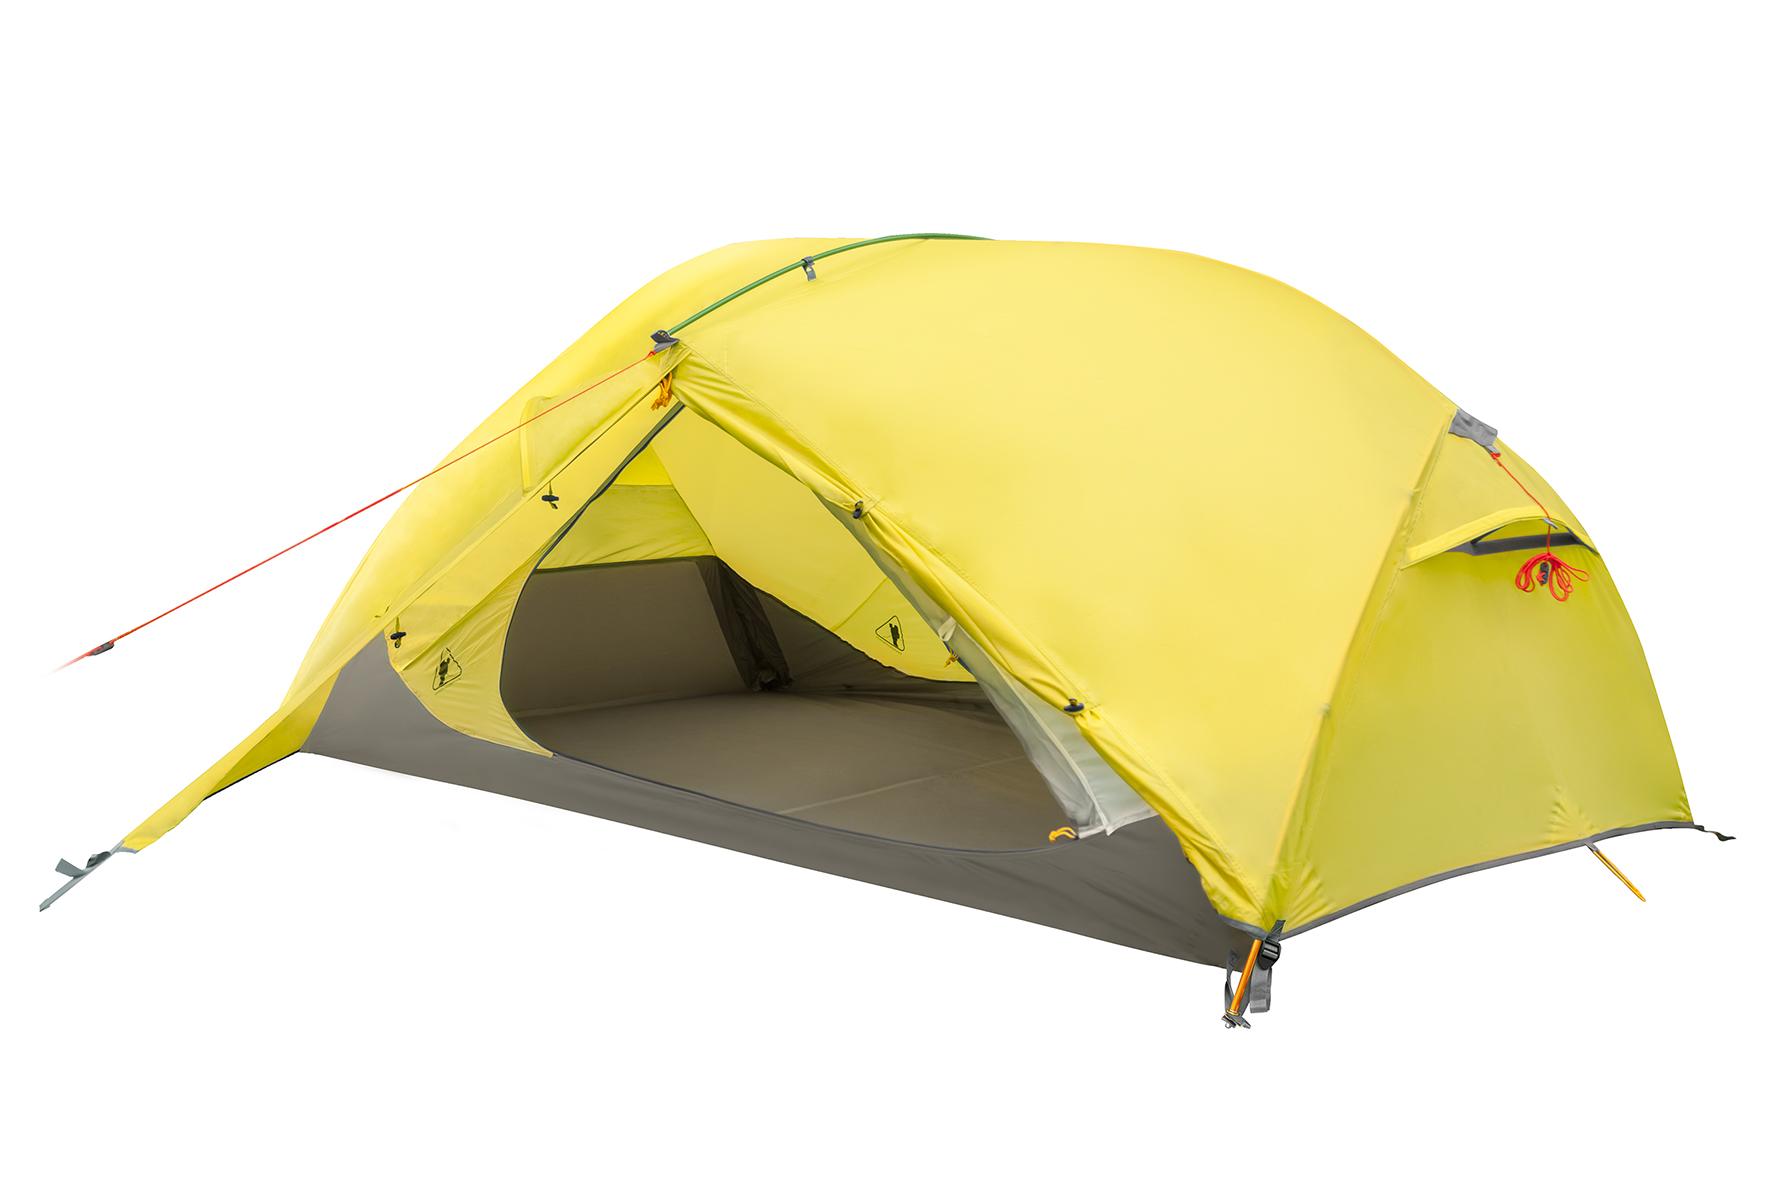 Палатка BASK PINNATE 2 1460Палатки<br><br><br>Вентиляционные окна: 4<br>Вес (в минимальной комплектации): 2.75<br>Вес (в полной комплектации): 2.95<br>Ветрозащитные юбки: Нет<br>Внутренние карманы и петельки для мелочей: Да<br>Водостойкость дна: 6000<br>Водостойкость тента: 4000<br>Диаметр стоек каркаса: 9,5<br>Количество входов: 2<br>Количество мест: 2<br>Количество оттяжек: 4<br>Количество стоек каркаса: 1<br>Материал внешнего тента: 40D Nylon RipStop 240T SI/PU 4 000 мм, W/R<br>Материал внутренней палатки: 40D Nylon Ripstop 240T BR, W/R<br>Материал дна: 70D Nylon Taffeta 210T PU 6000 мм, W/R<br>Материал каркаса: Алюминиевый сплав 7001 T6<br>Назначение: Экстремальная<br>Обработка ткани палатки: Водоотталкивающая пропитка (W/R), дышащая<br>Обработка ткани тента: PU (внутренняя поверхность покрыта полиуретаном)<br>Подвесная полка: Да<br>Проклейка швов: Да<br>Противо москитная сетка: Да<br>Размер в упакованом виде: 43х19<br>Способ установки: Сначала устанавливается внутренняя палатка, потом тент<br>Тип входа: На молнии<br>Цвет: ЗЕЛЕНЫЙ